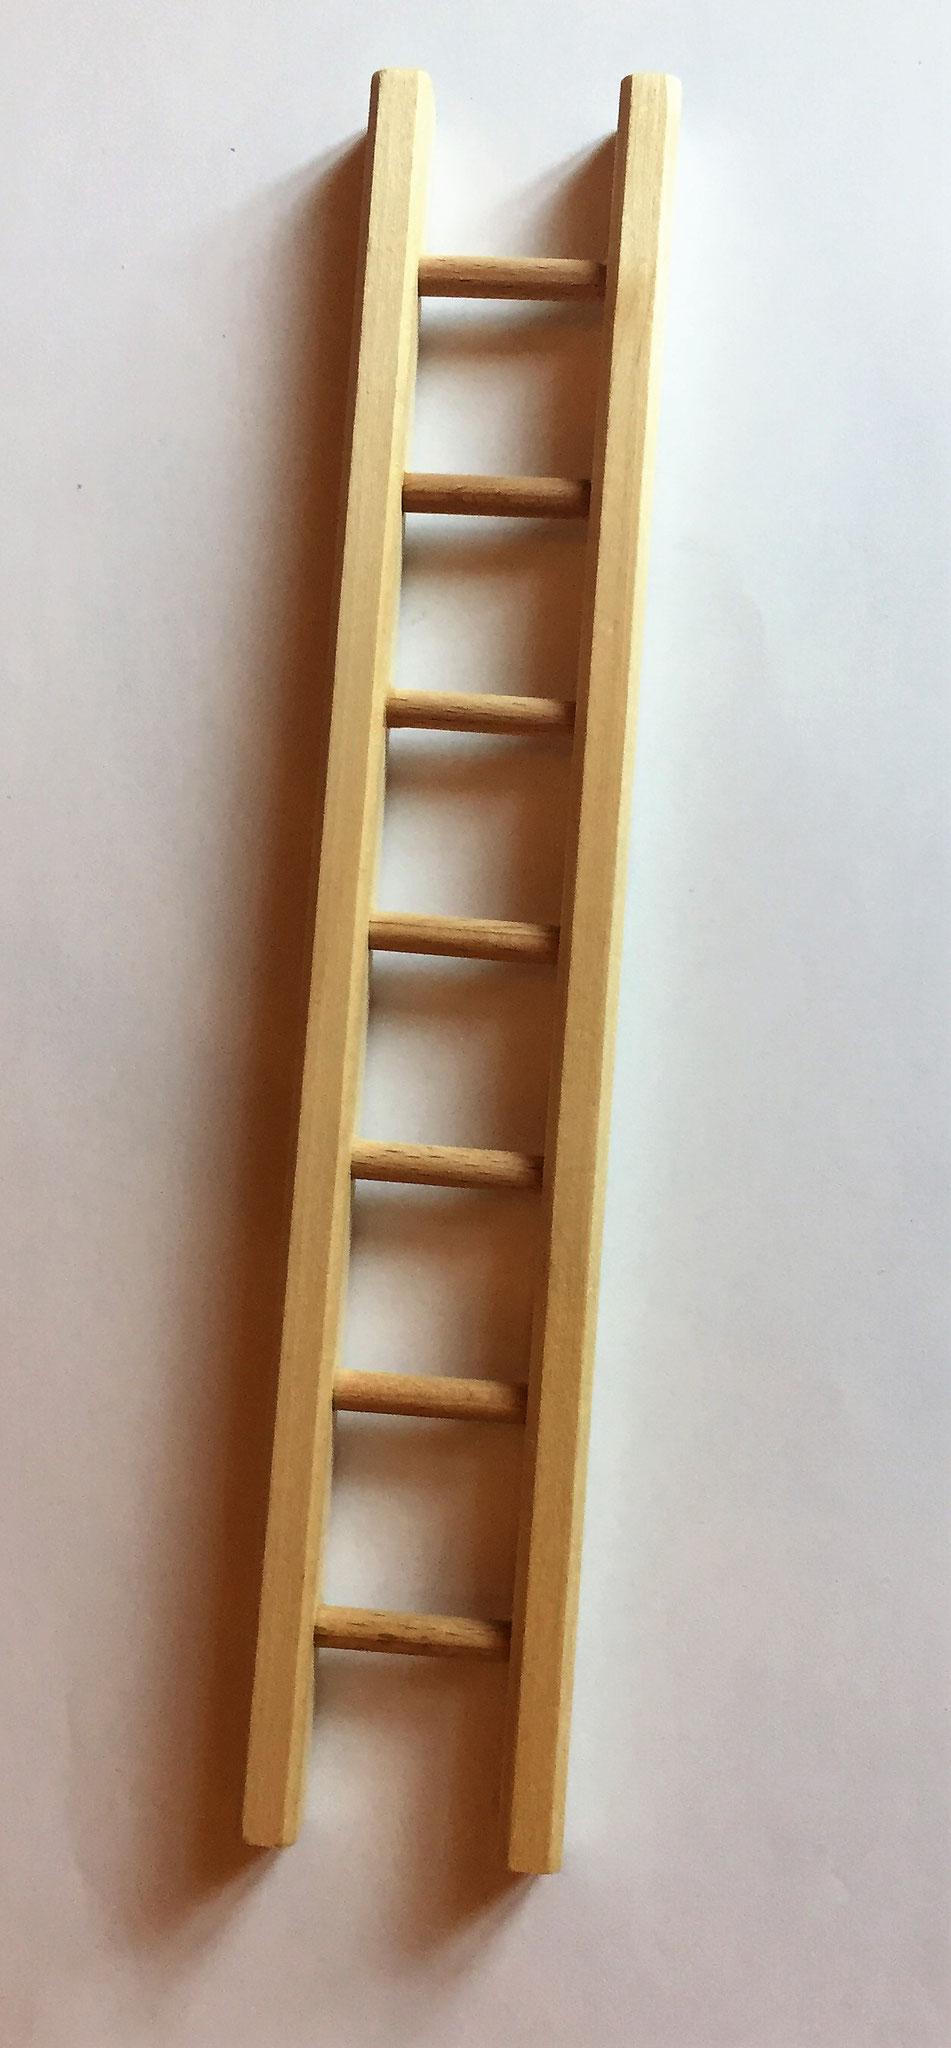 Leiter 23 cm (Schweizer Produktion)